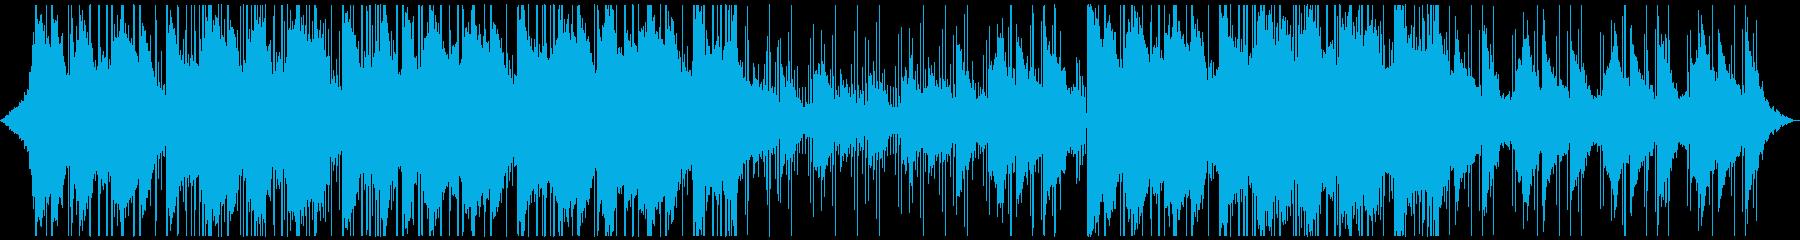 ソフトファッションテックプロモーションの再生済みの波形